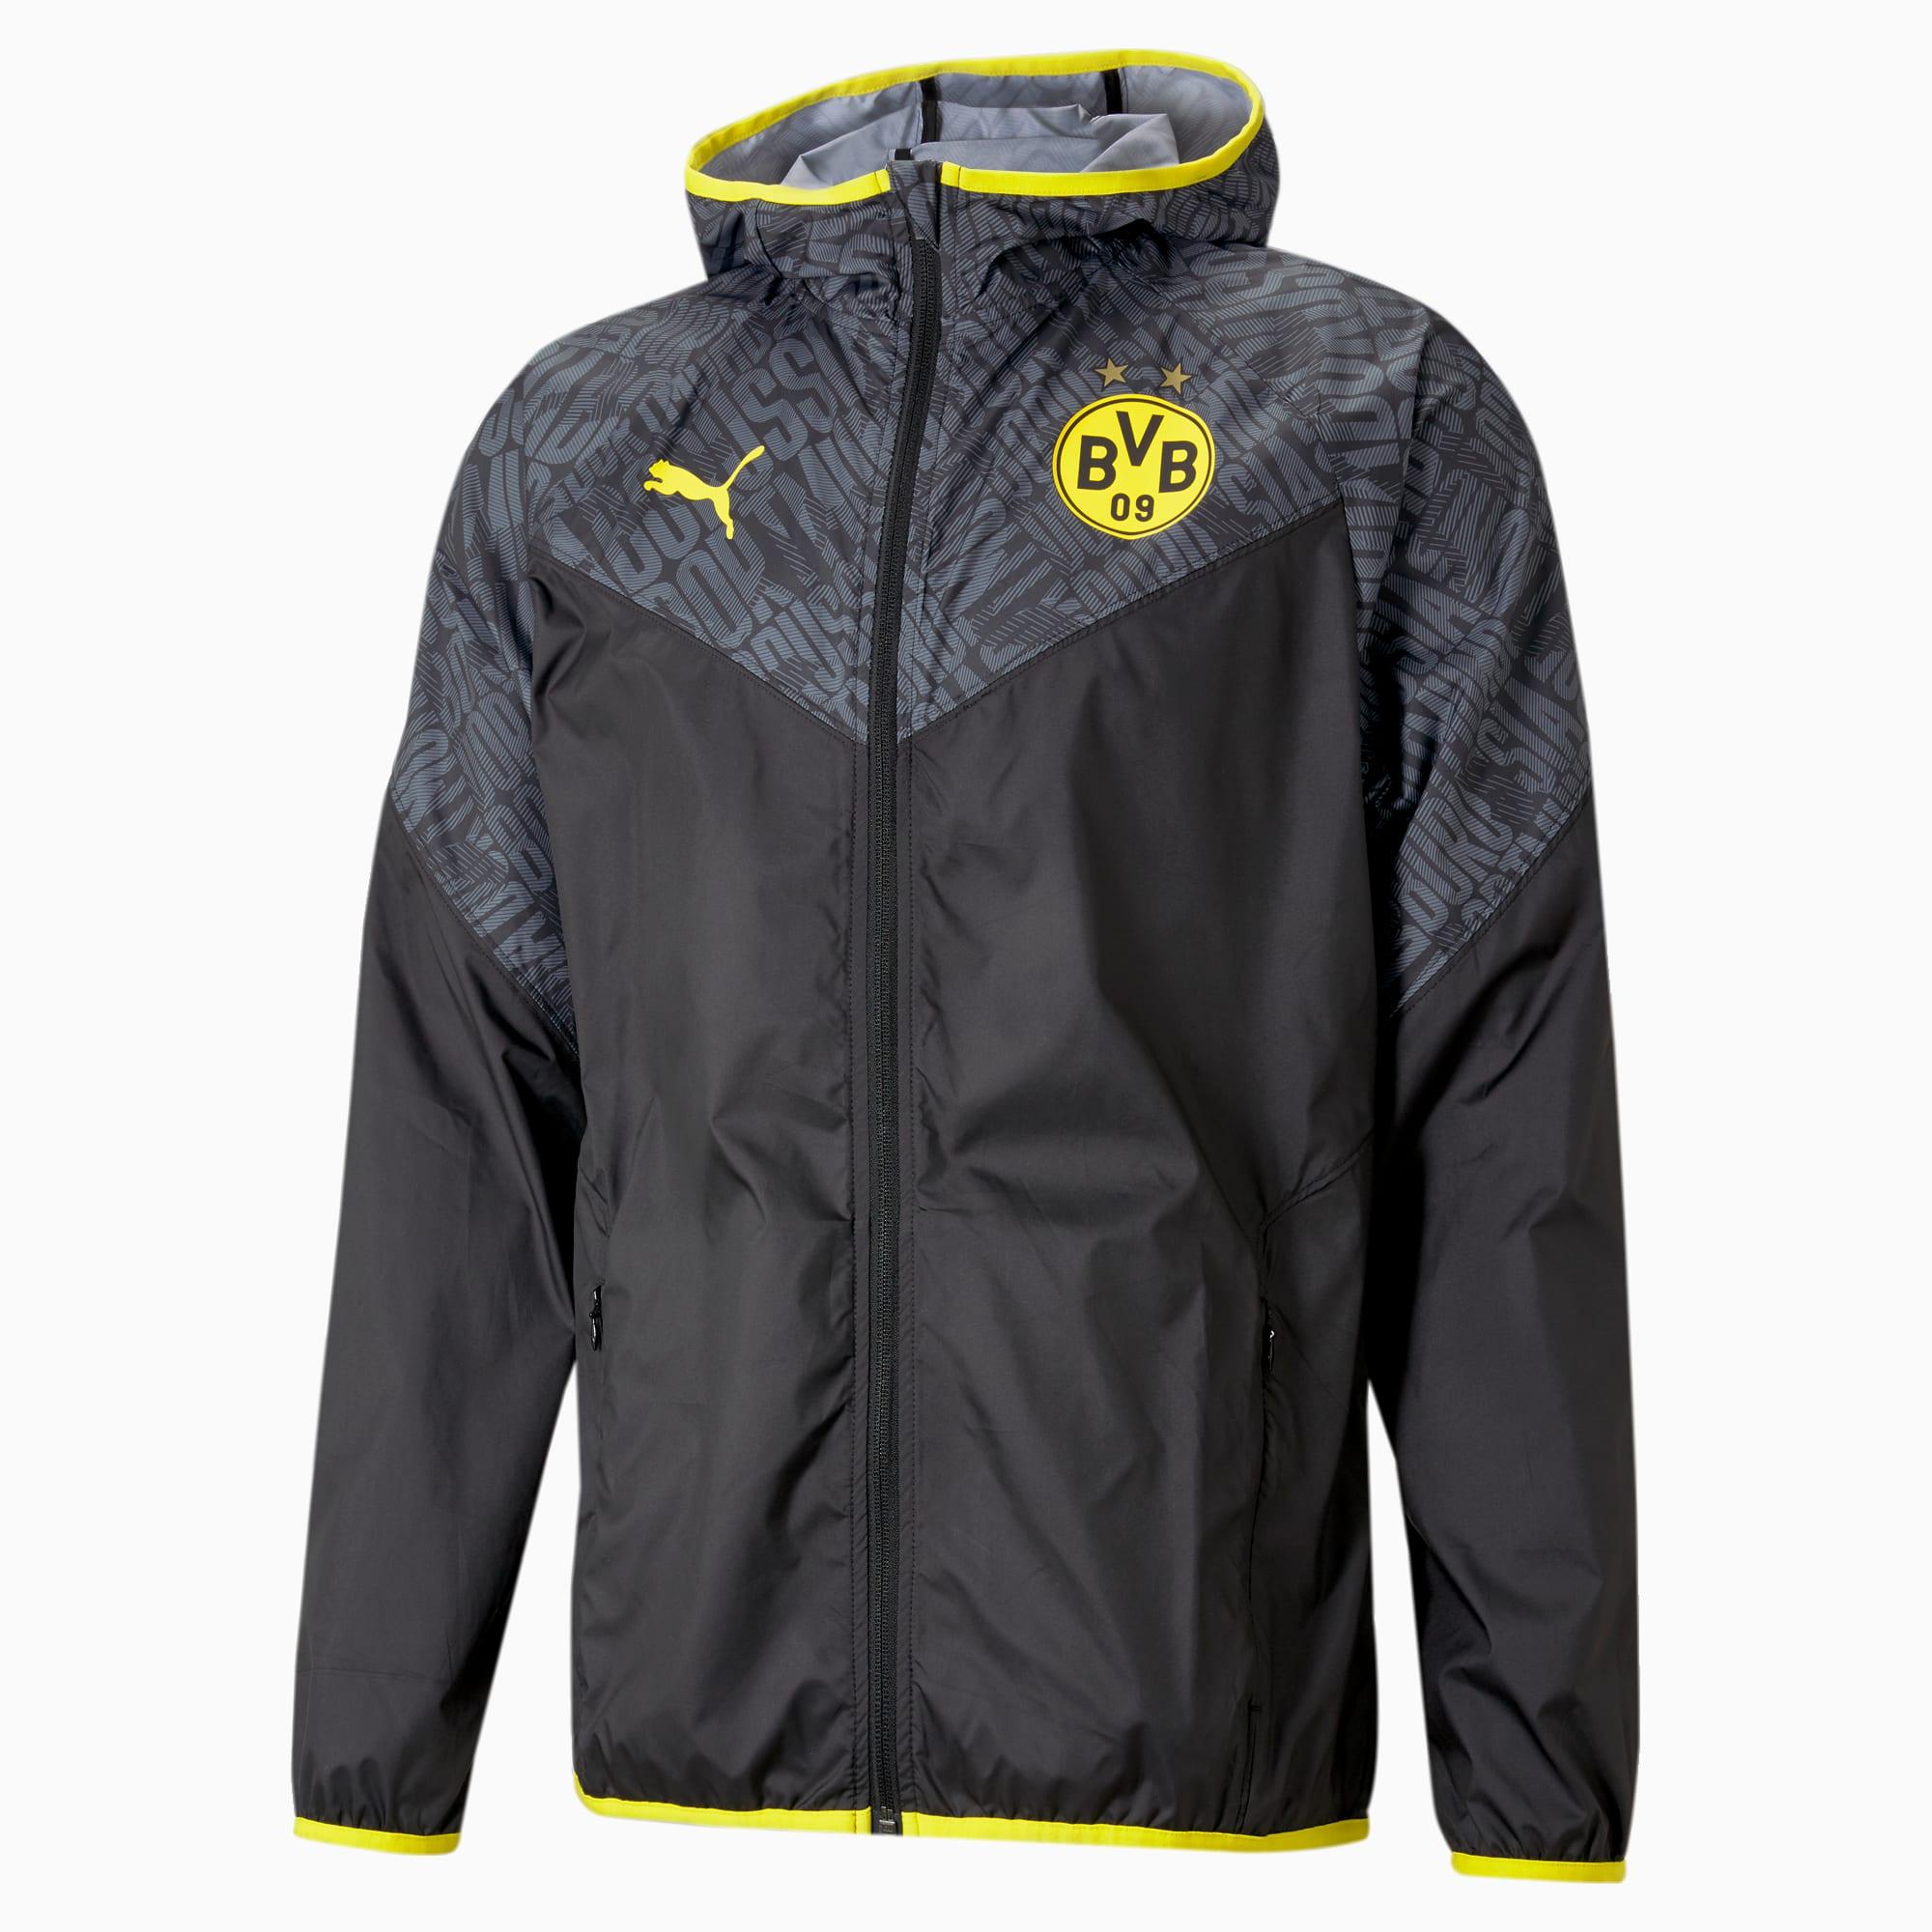 PUMA BVB Warm-Up Herren Fußballjacke | Mit Aucun | Schwarz/Gelb | Größe: XL